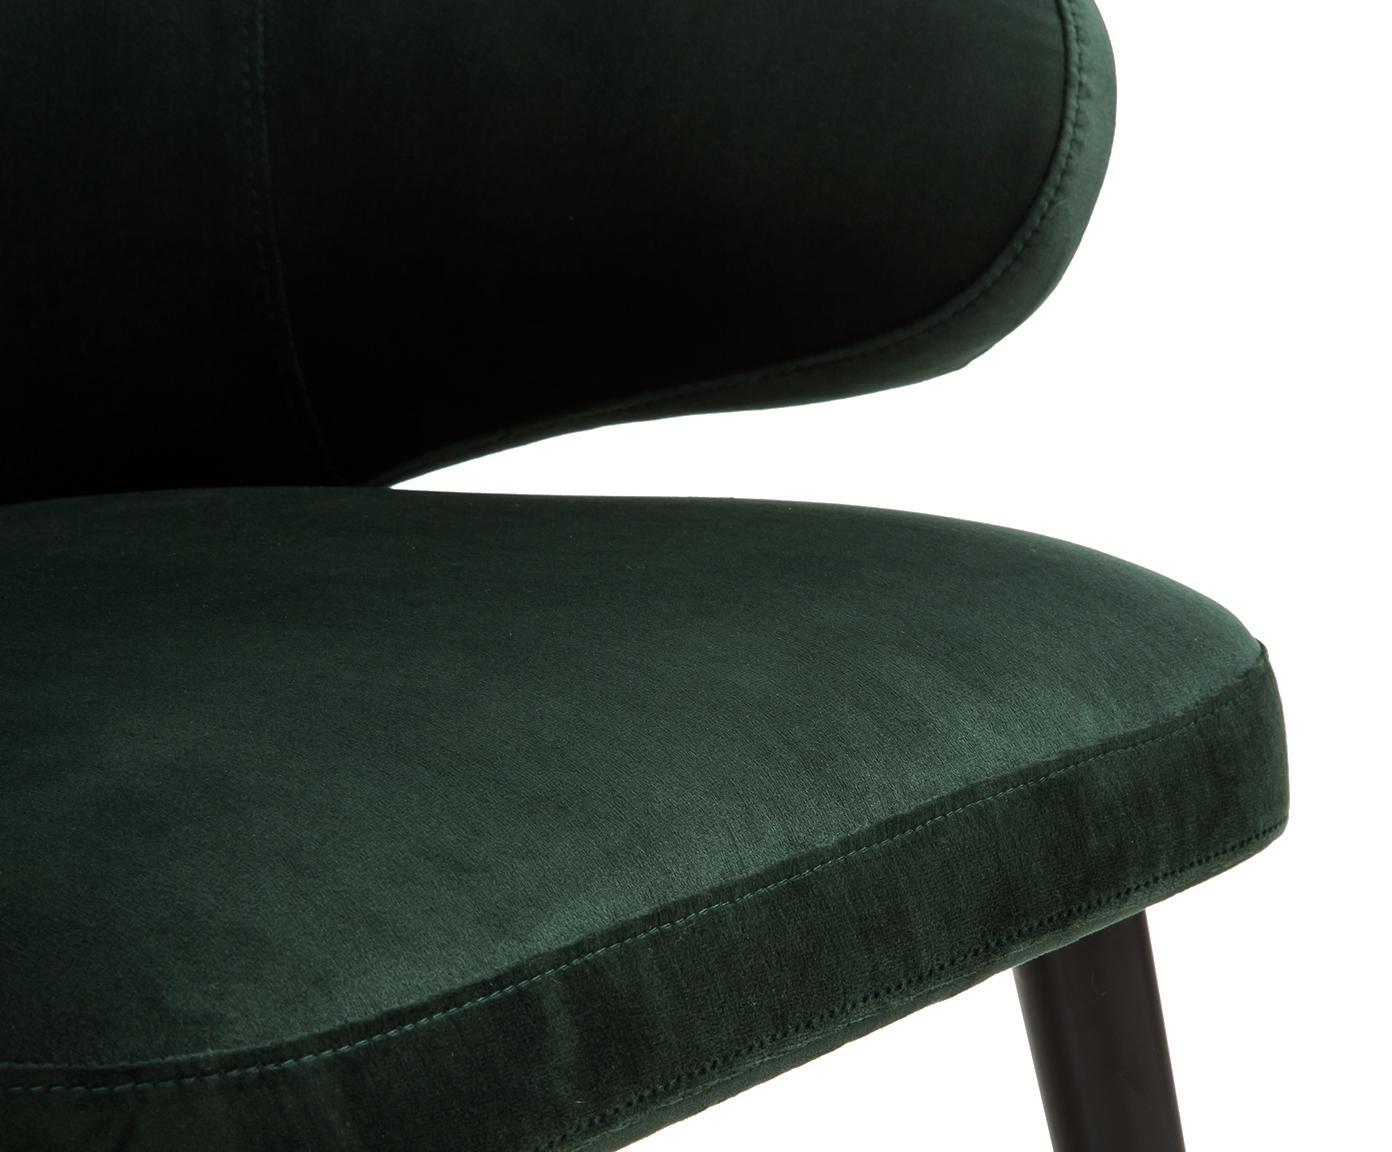 Krzesło z podłokietnikami z aksamitu Celia, Tapicerka: aksamit (poliester) Tkani, Nogi: metal malowany proszkowo, Ciemnyzielony, S 57 x G 62 cm